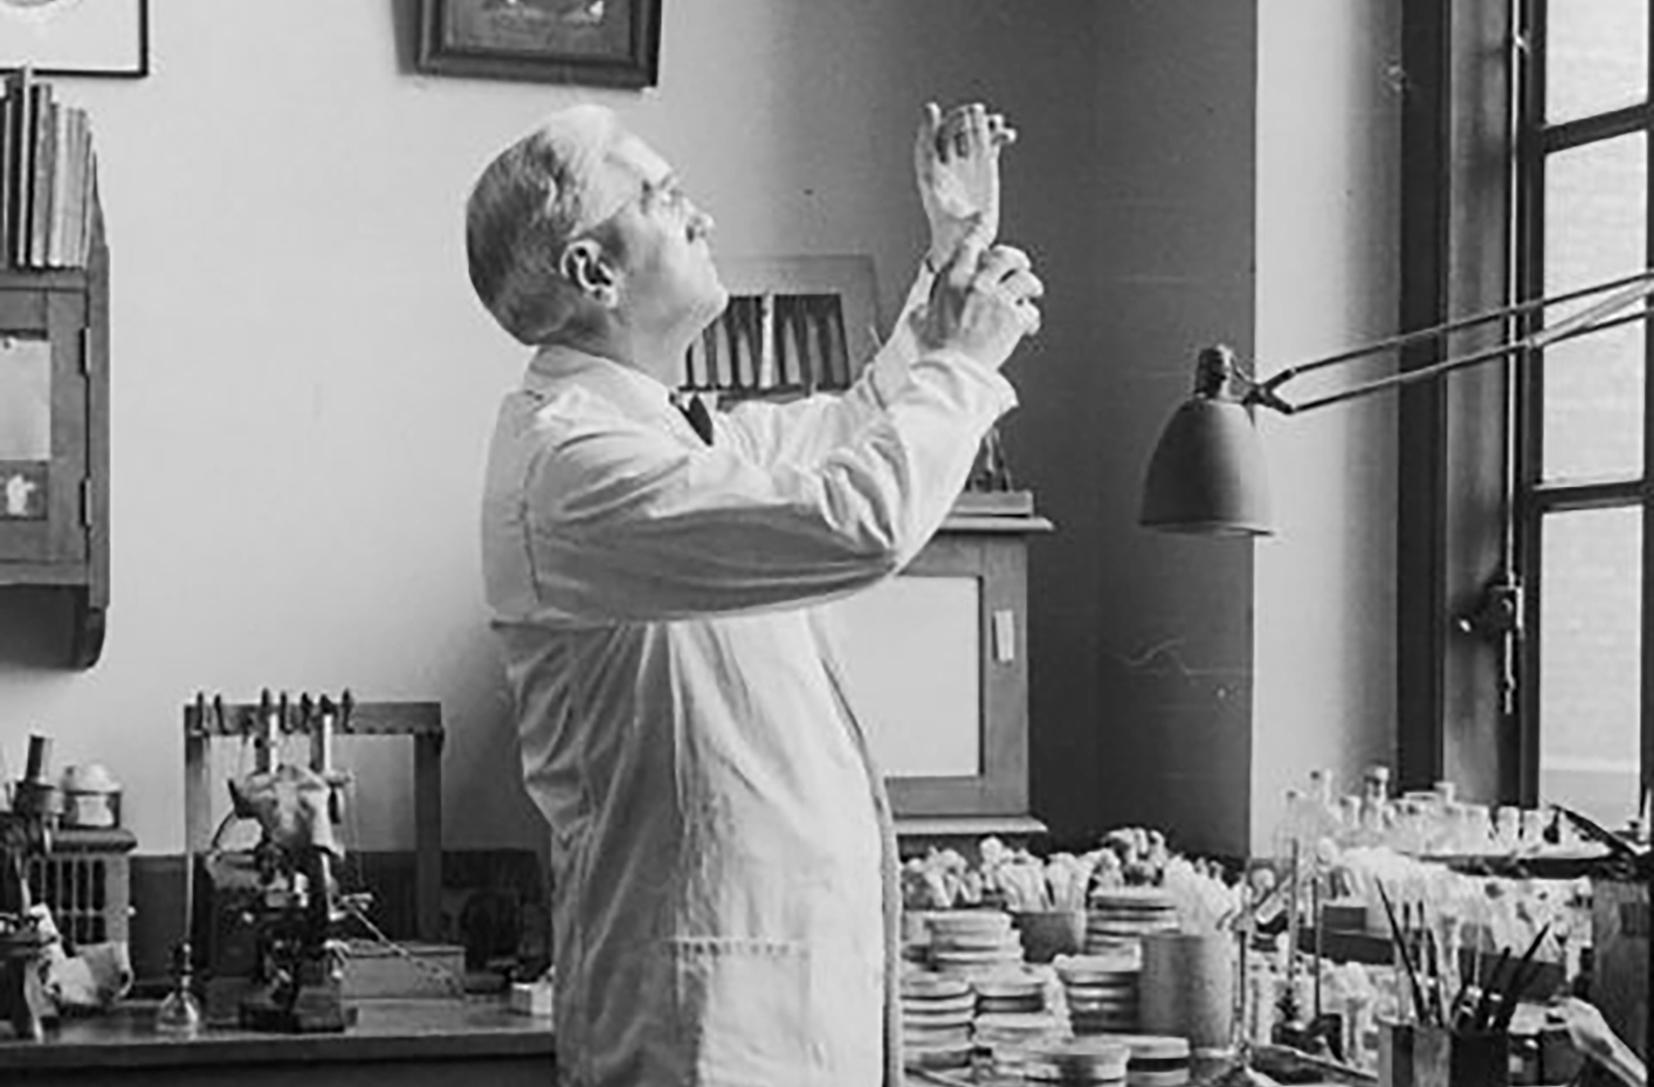 Alexander Fleming khám phá ra Penicillium là một trong những ví dụ minh họa về phát minh ngẫu nhiên nổi tiếng nhất. Nguồn: nature.com